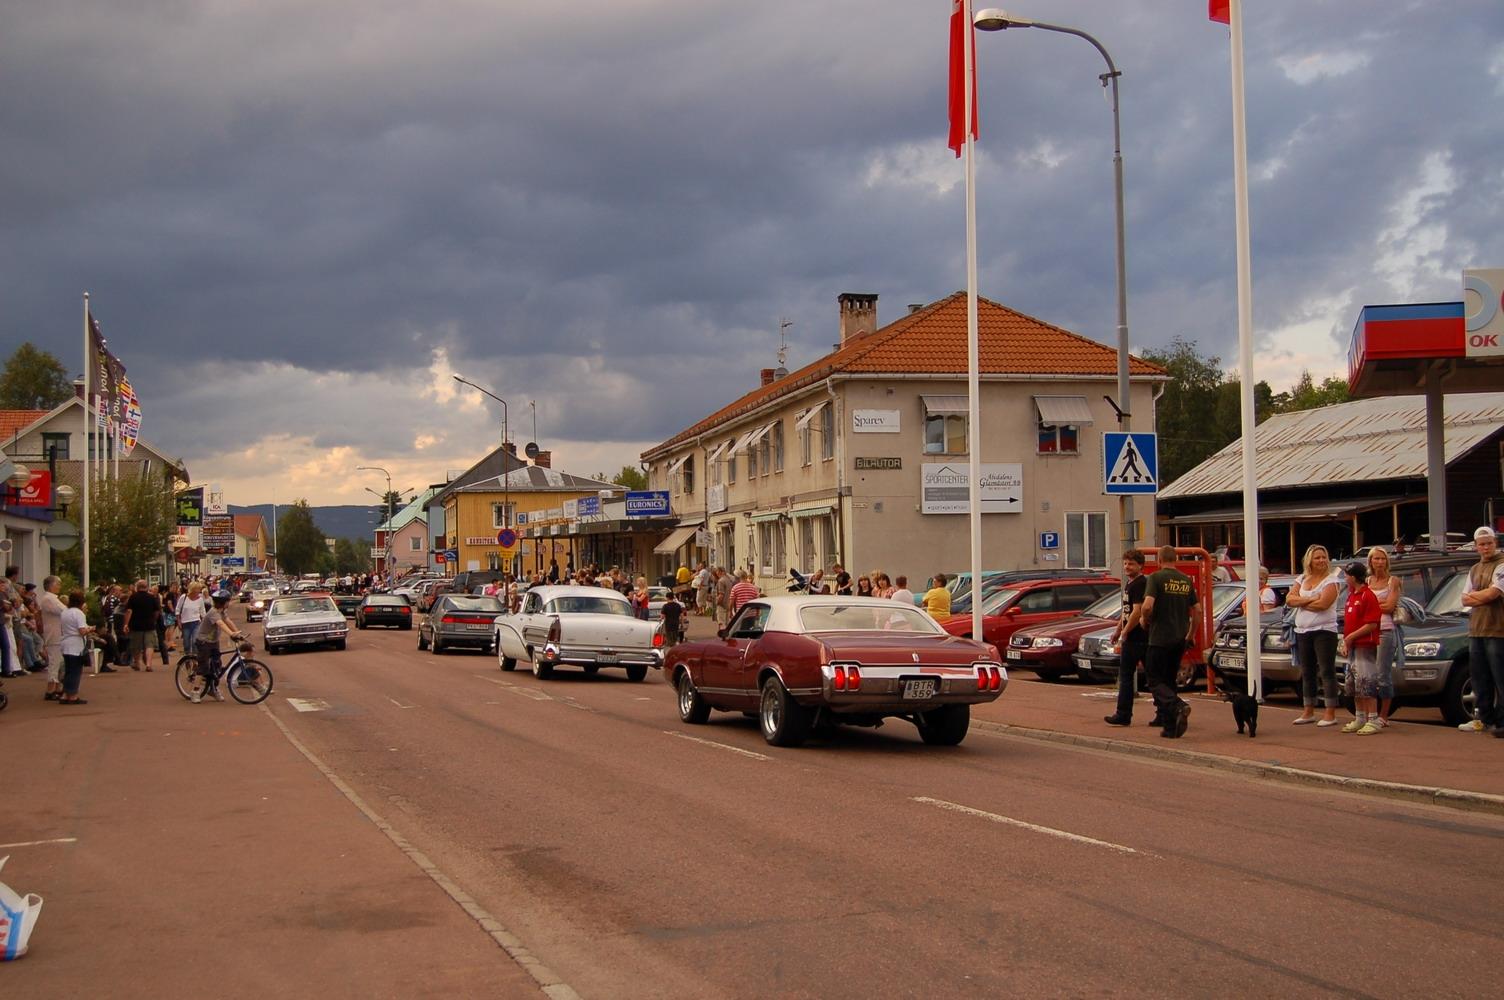 älvdalens Näringslivskontors Blogg Musik Motorfestivalen I